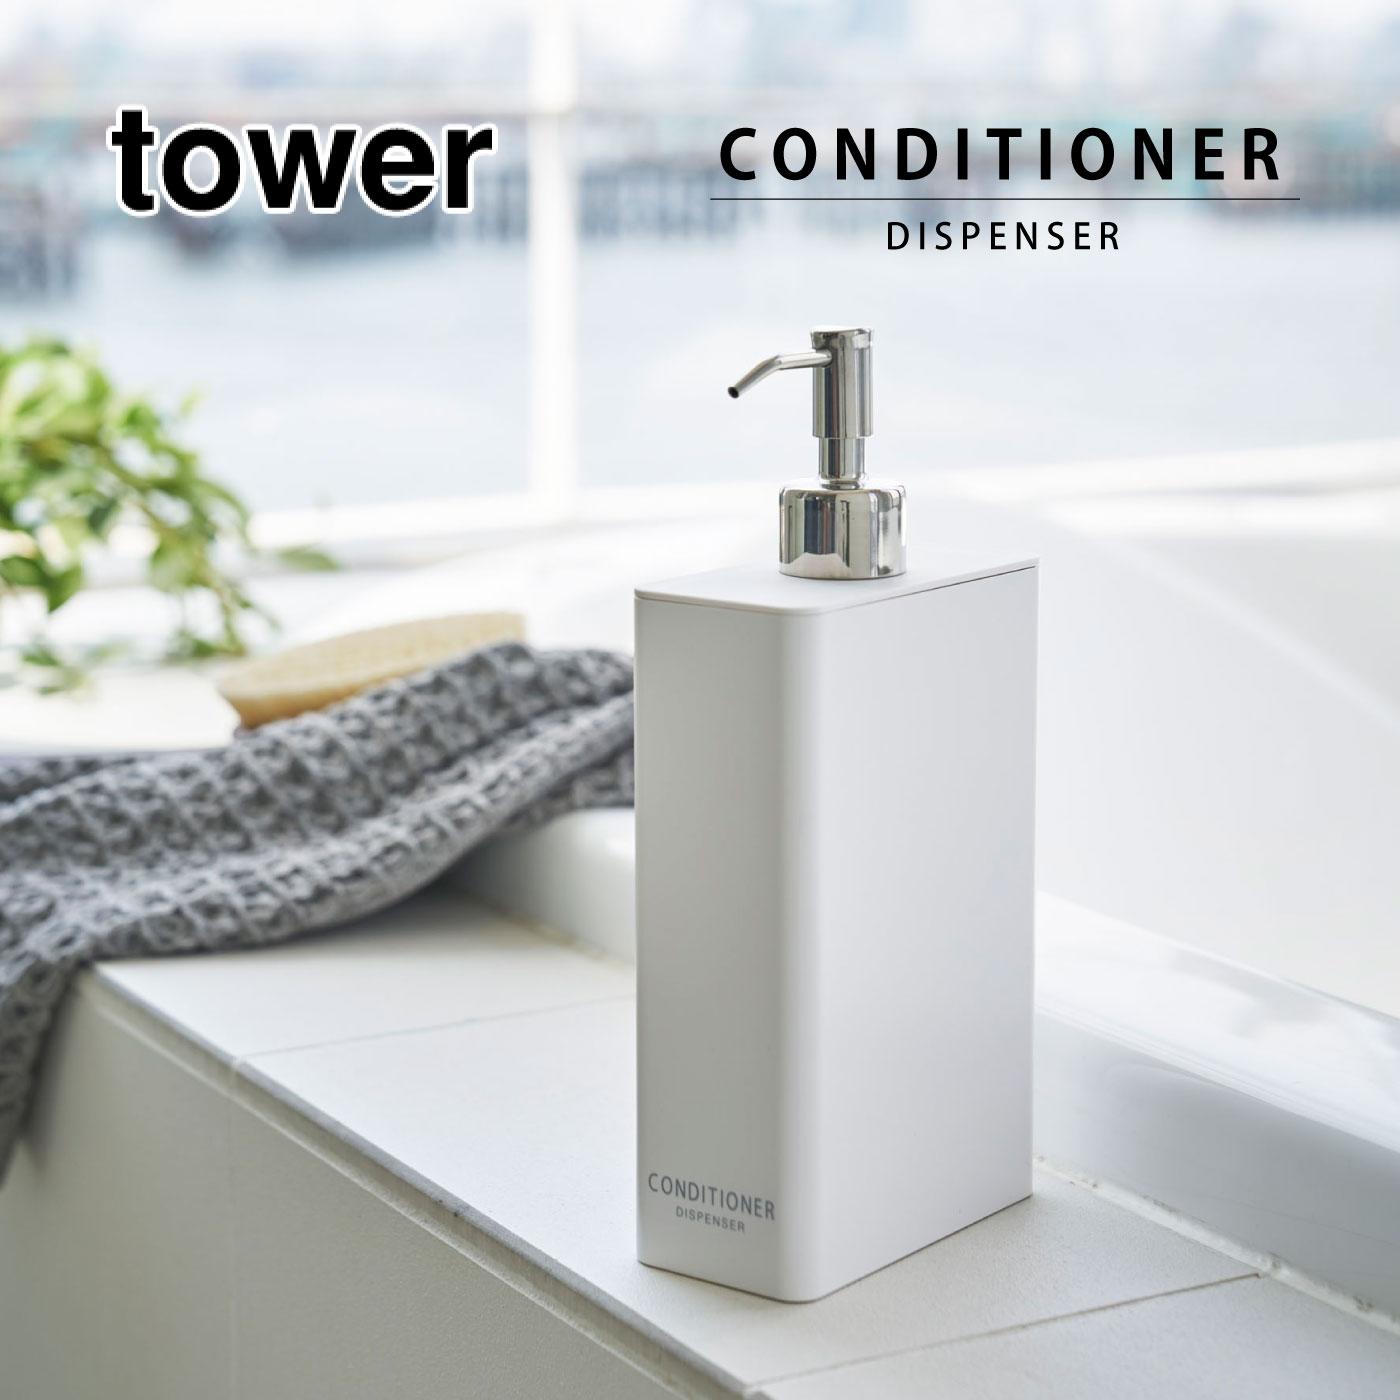 tower ツーウェイディスペンサー コンディショナー